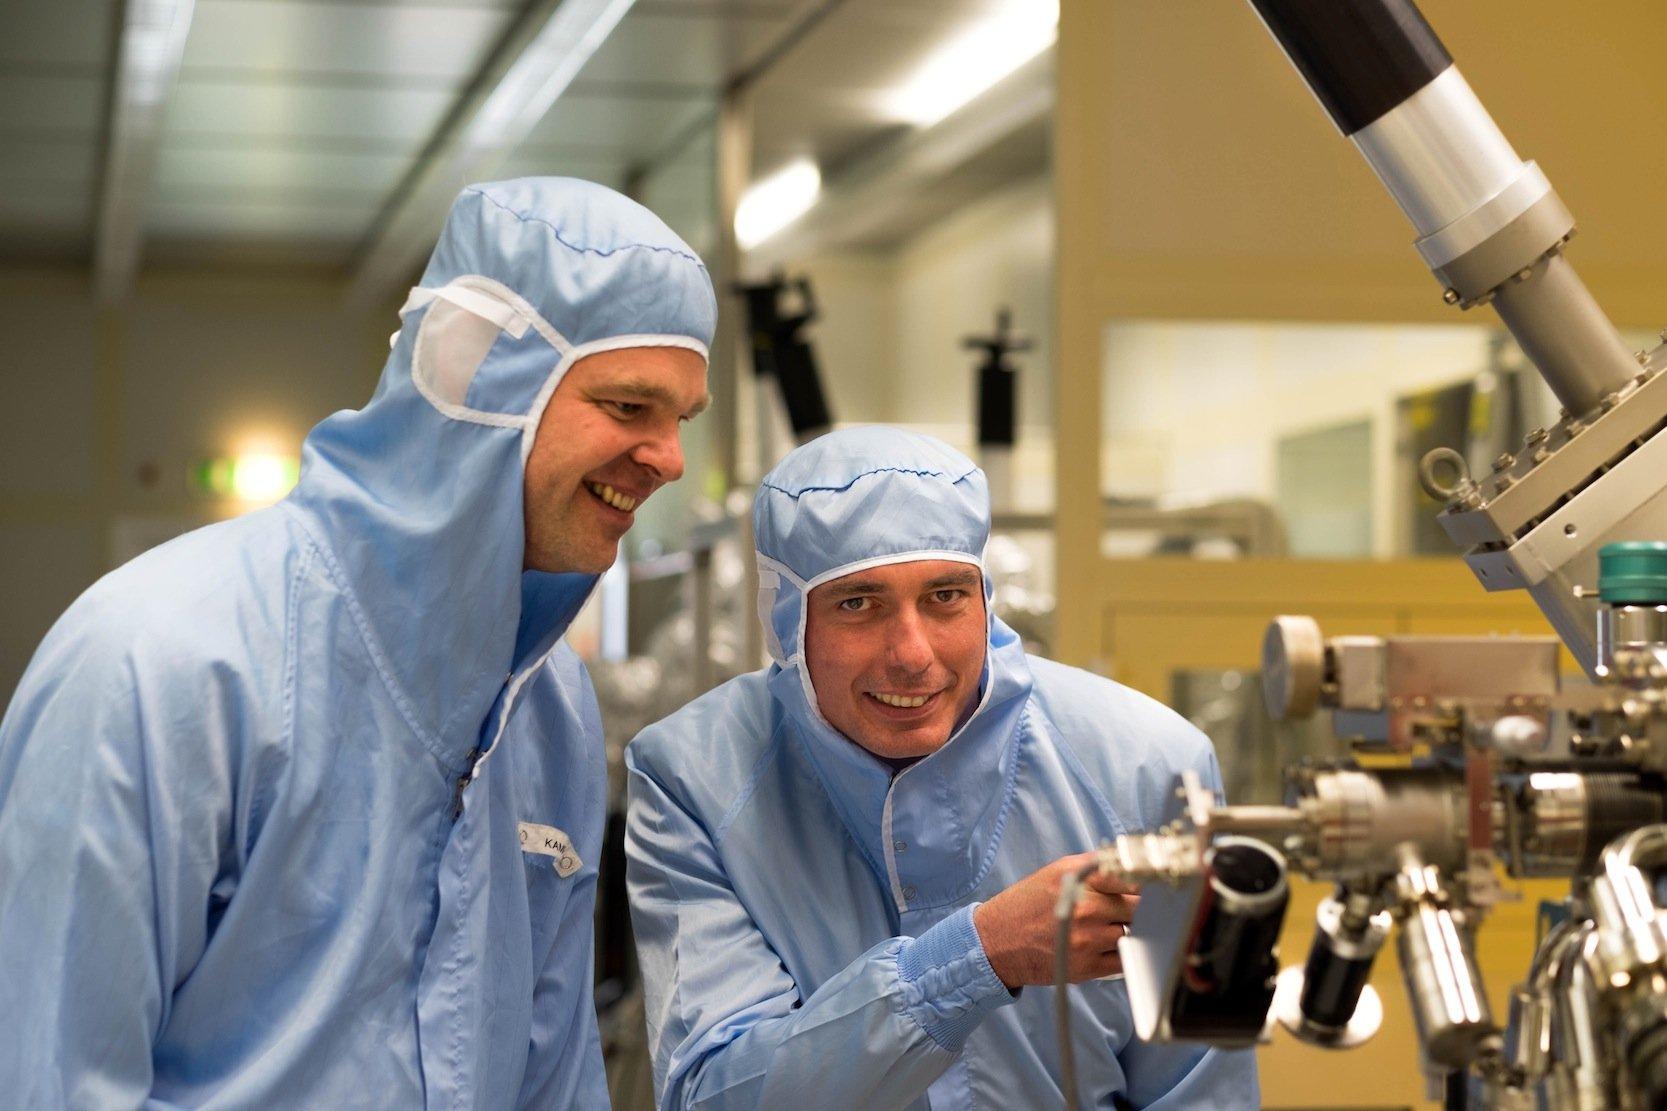 Martin Kamp und Professor Sven Höfling forschen im streng kontrollierten Klima des Reinraums an der Universität Würzburg: Sie haben ein Lasersystem entwickelt, das Alkohol in der Luft messen kann.